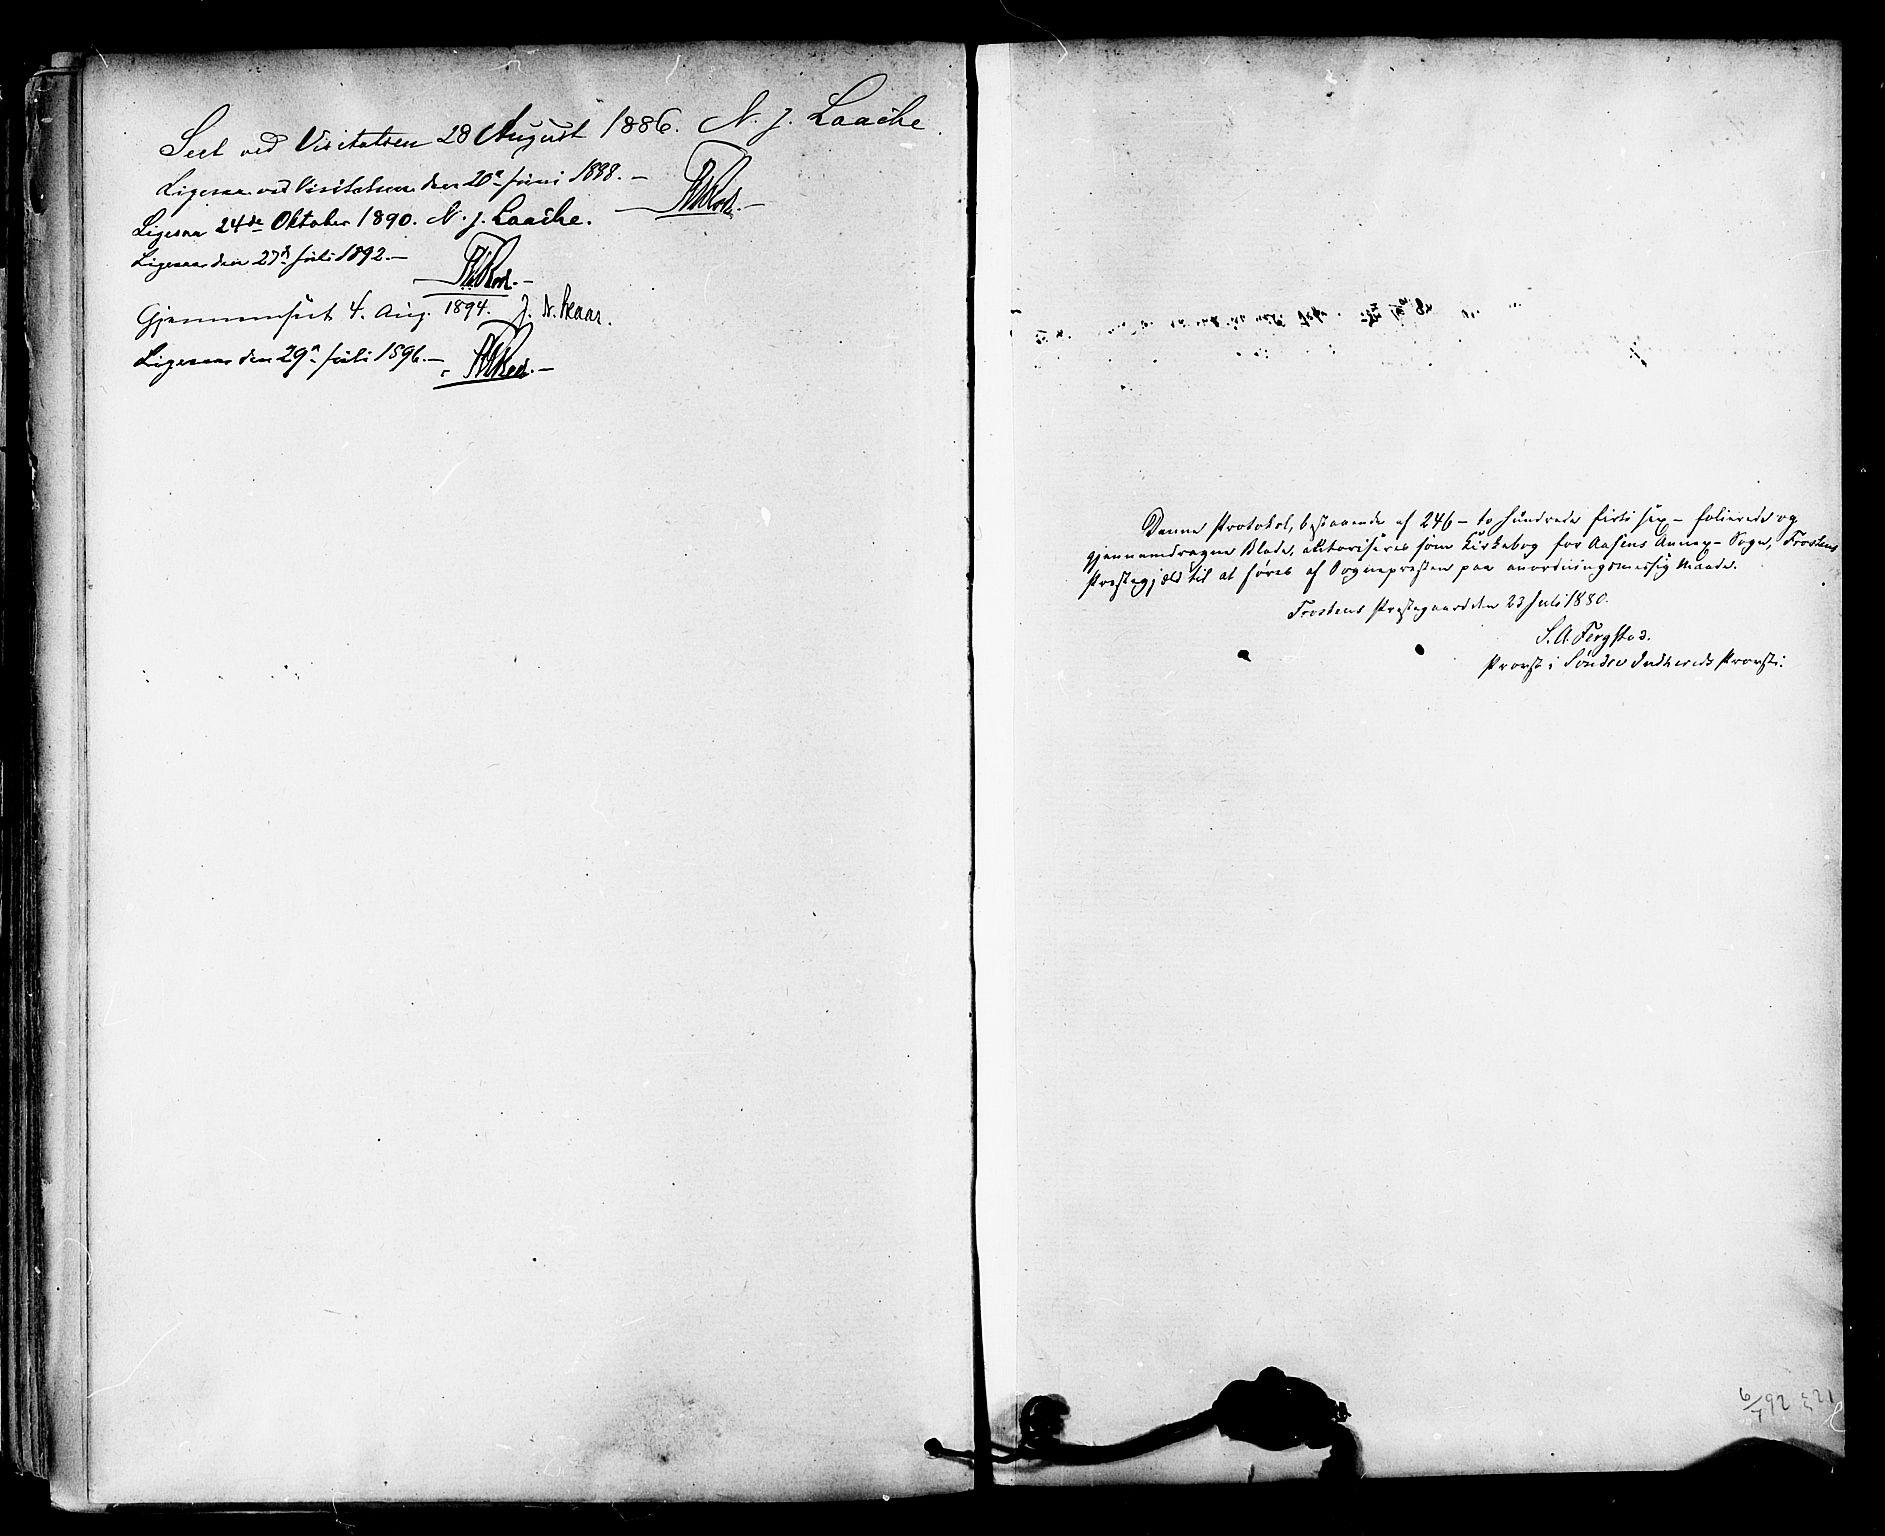 SAT, Ministerialprotokoller, klokkerbøker og fødselsregistre - Nord-Trøndelag, 714/L0130: Ministerialbok nr. 714A01, 1878-1895